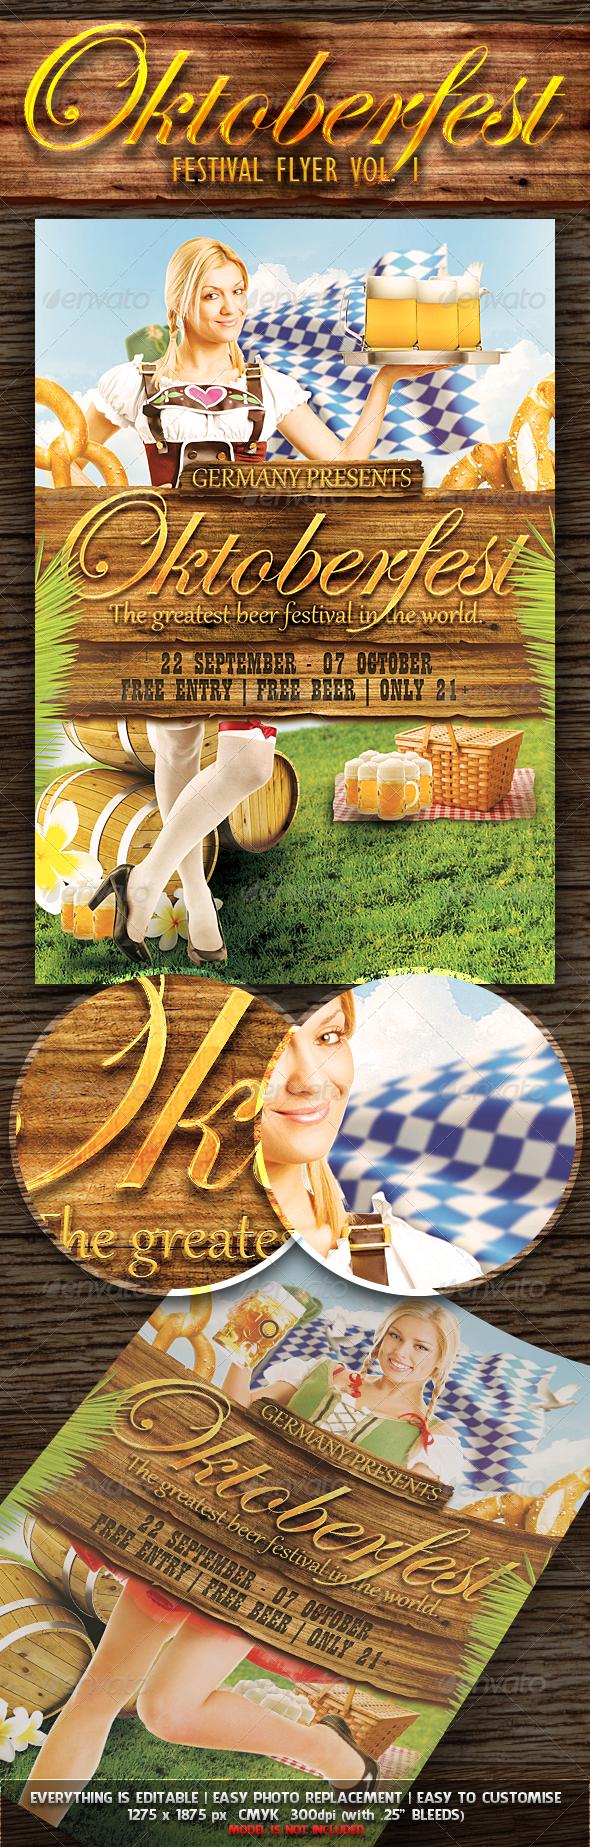 Oktoberfest Festival Flyer Vol. 1 - Miscellaneous Events